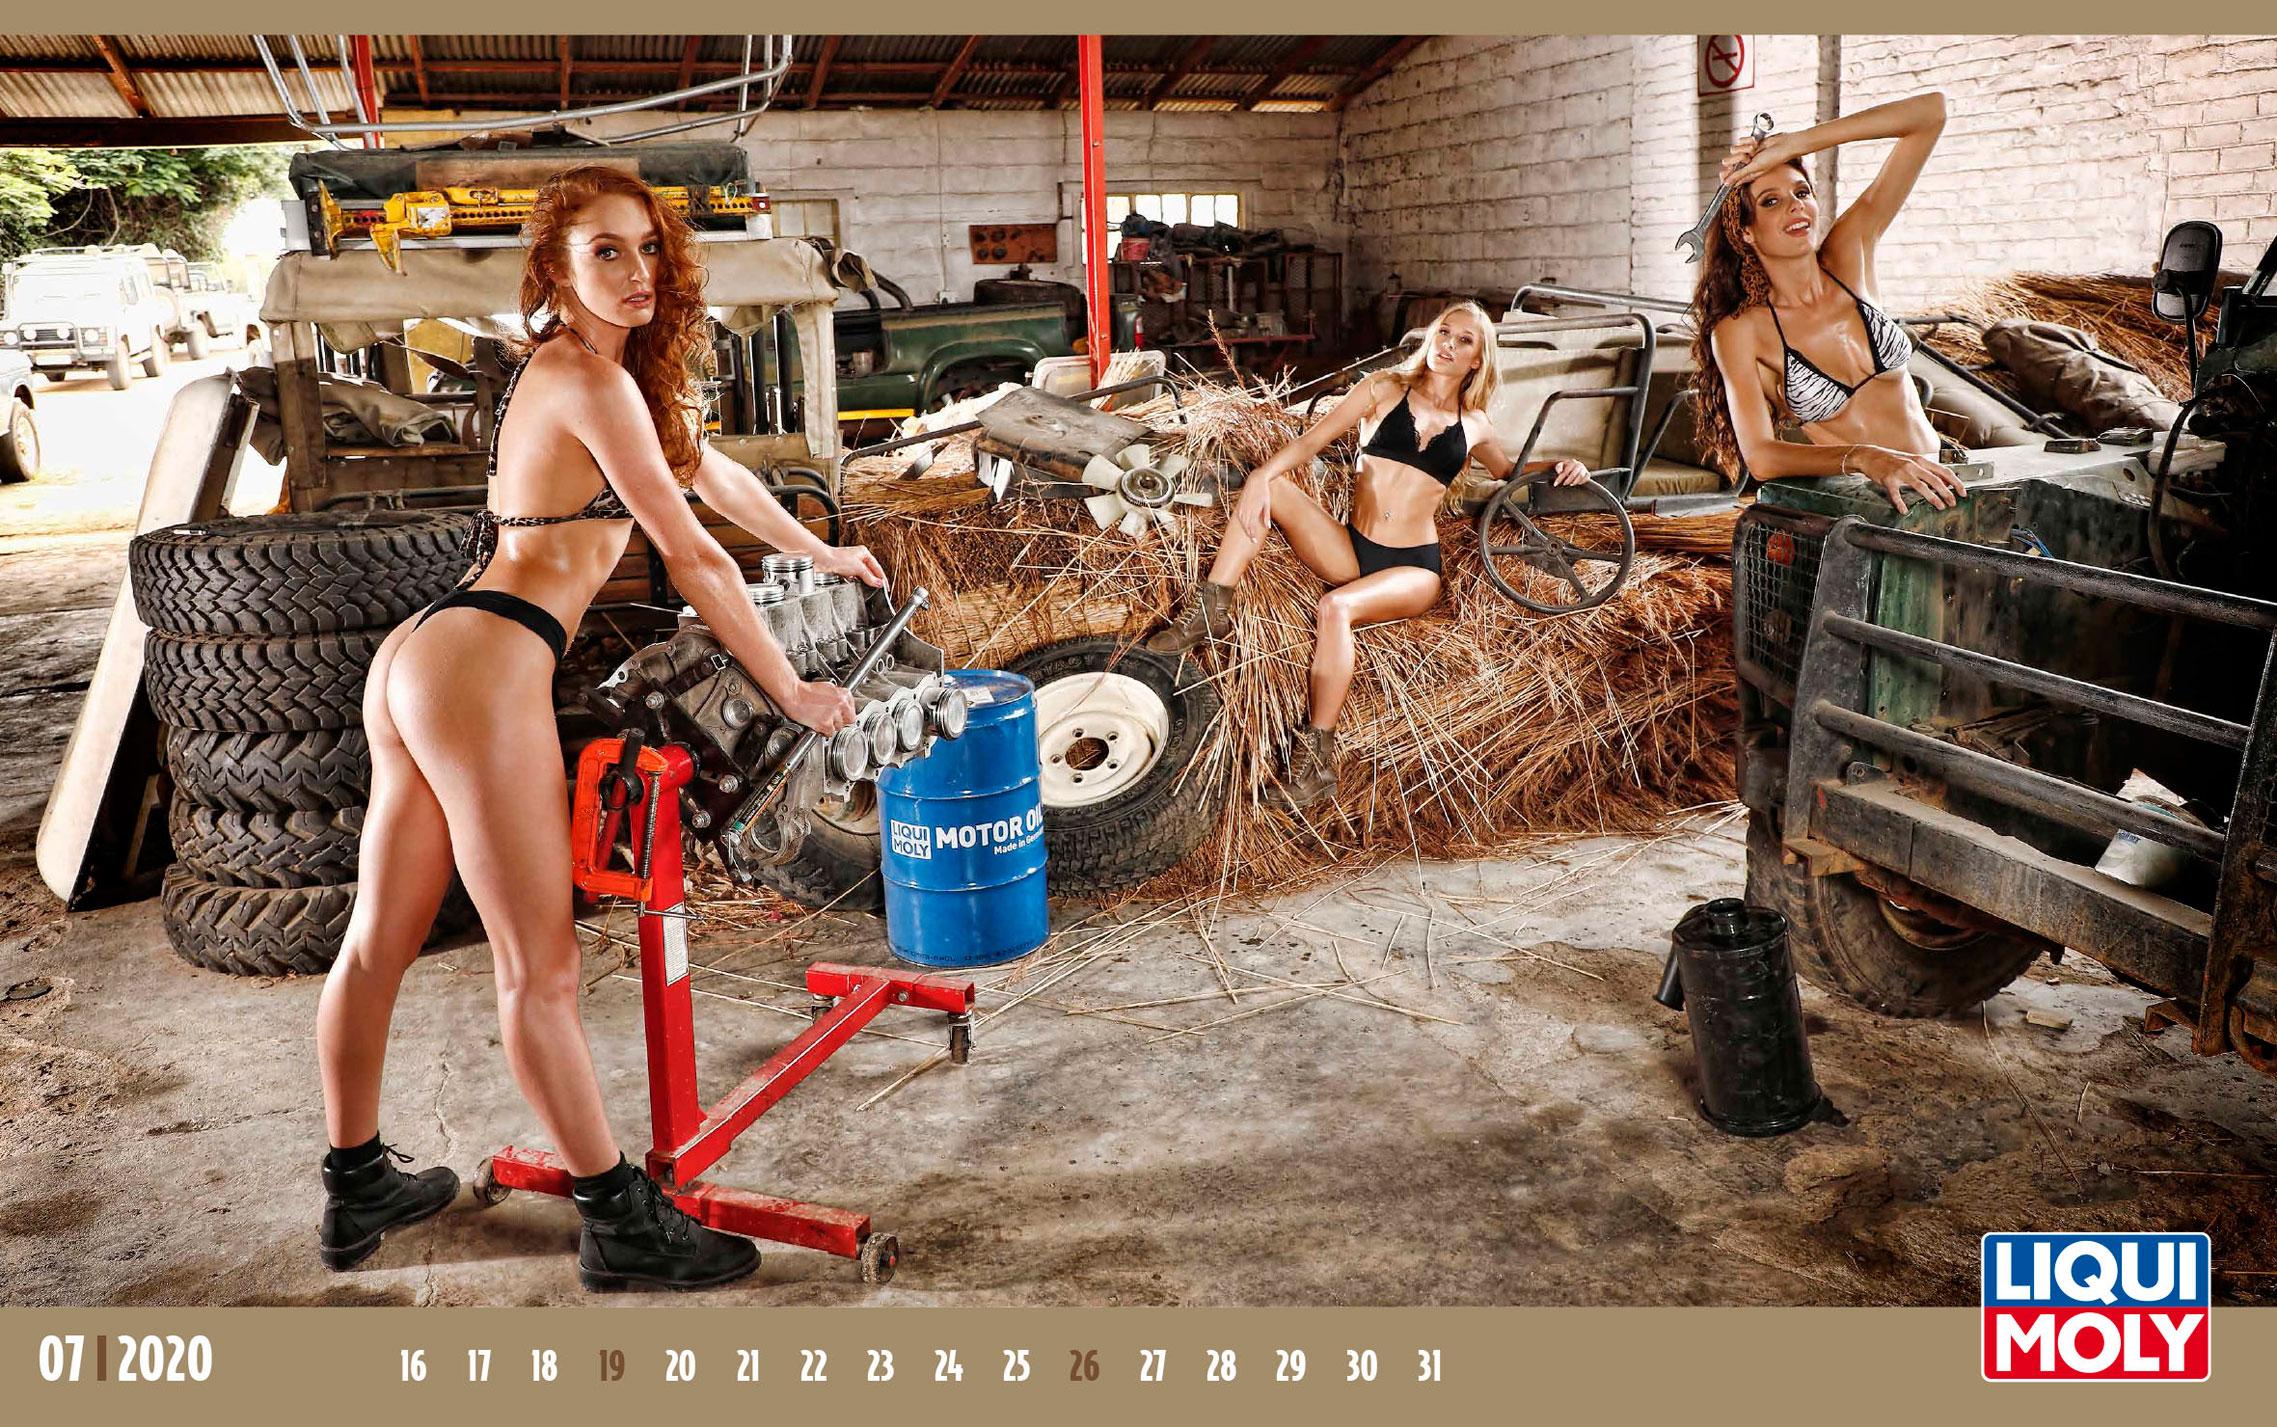 Календарь с девушками автоконцерна Liqui Moly, 2020 год / июль-2